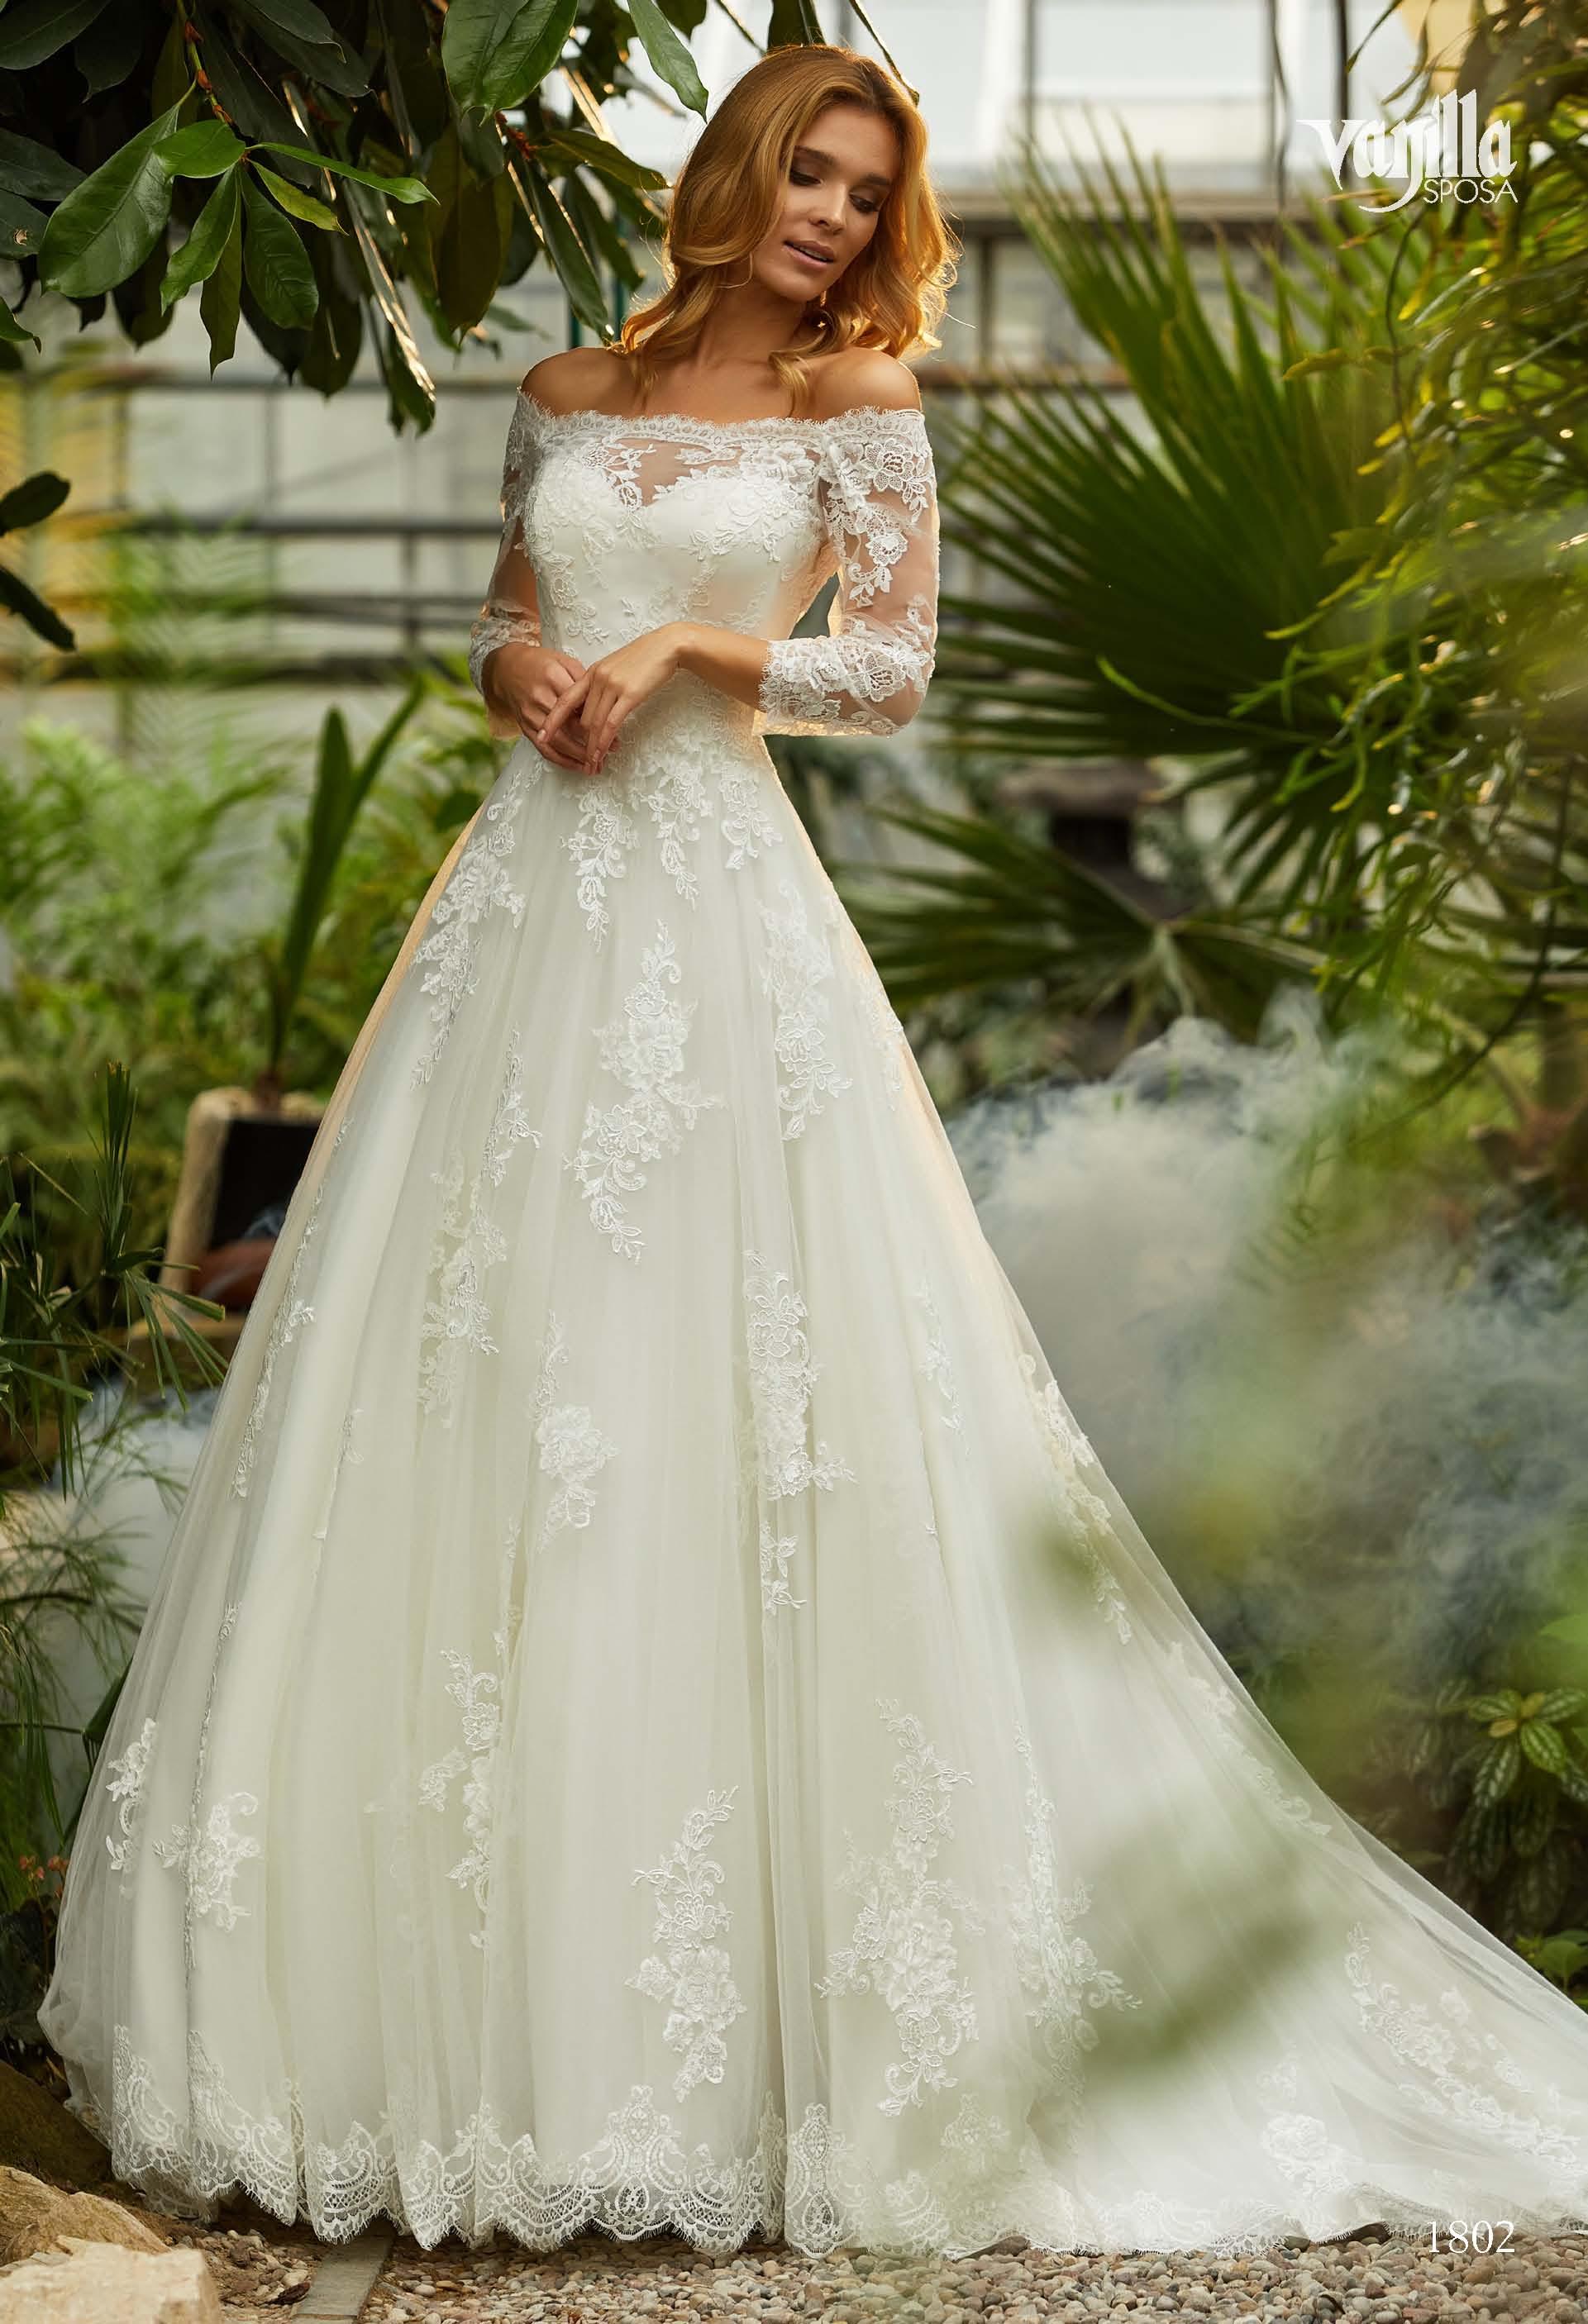 SPOSABELLA - Brautmoden, Brautkleider, Hochzeitskleider